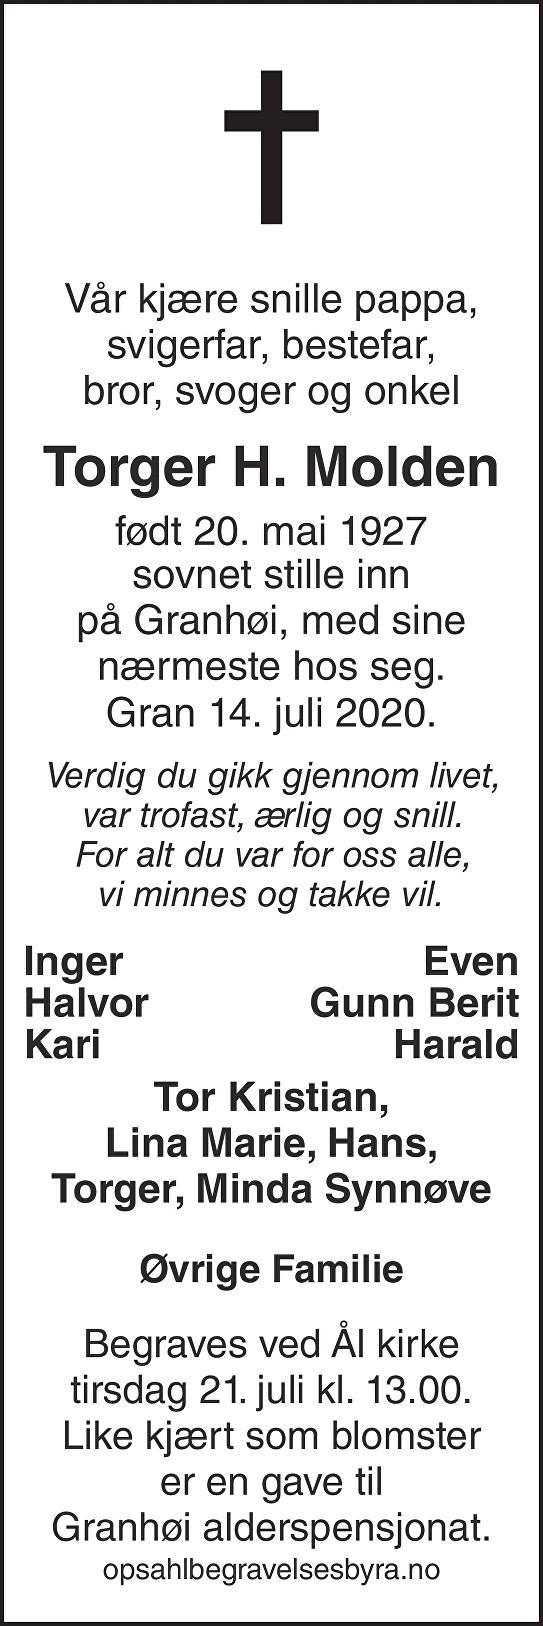 Torger H. Molden Dødsannonse